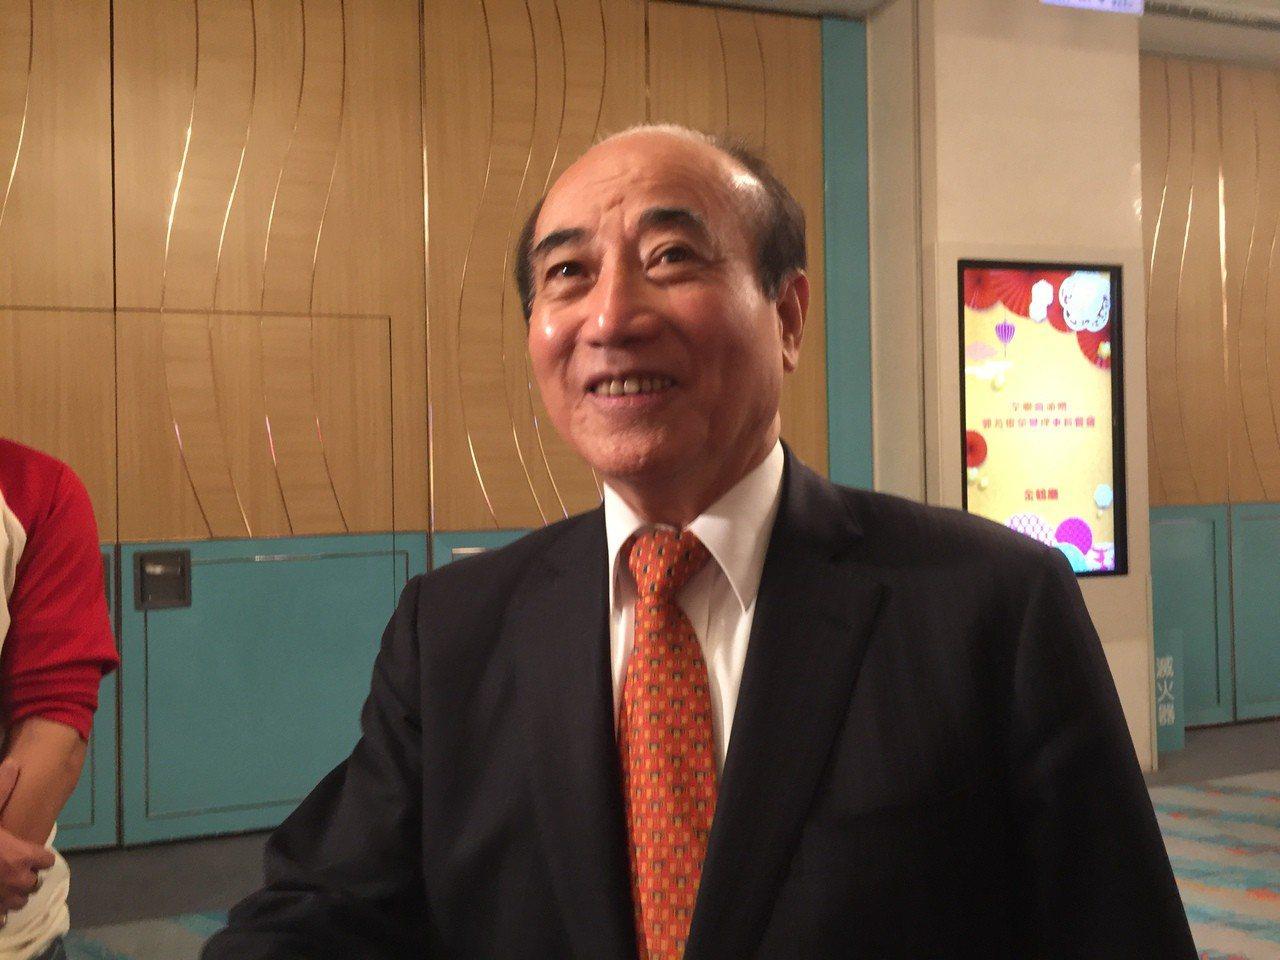 立法院前院長、國民黨立委王金平。圖/本報資料照